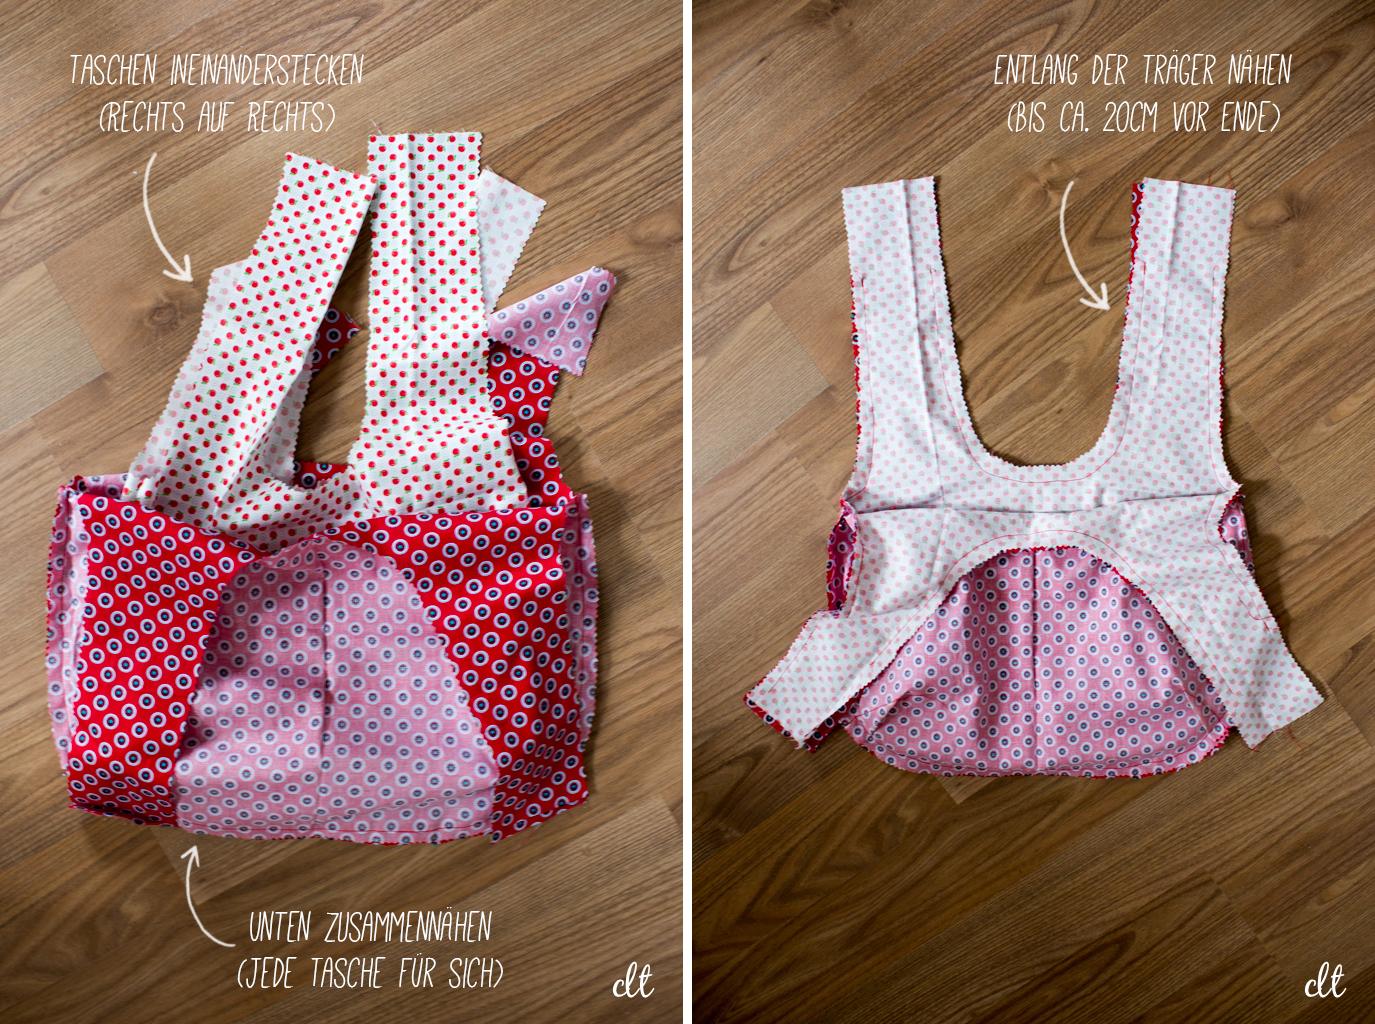 Kleine Wendetasche - Verheiraten der beiden Taschen-Teile